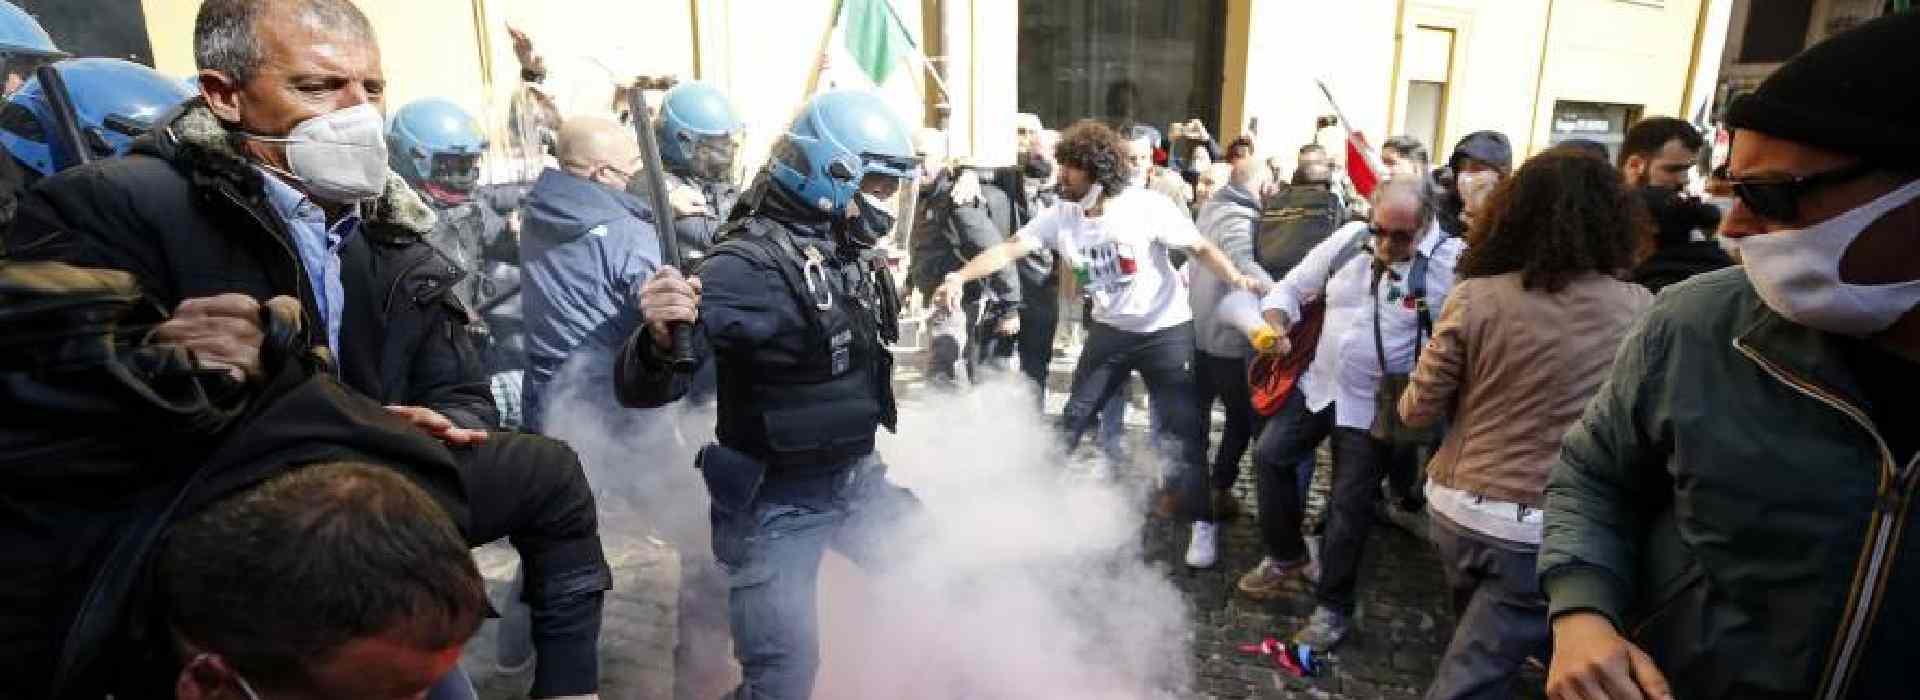 #Ioapro: scontri tra polizia e manifestanti a Roma - video